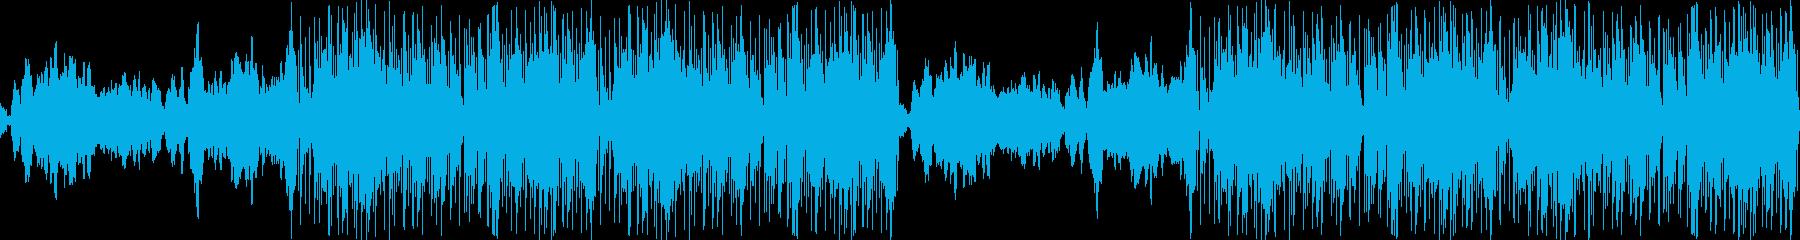 【ファンタジー/TRAP/ピッコロ】の再生済みの波形